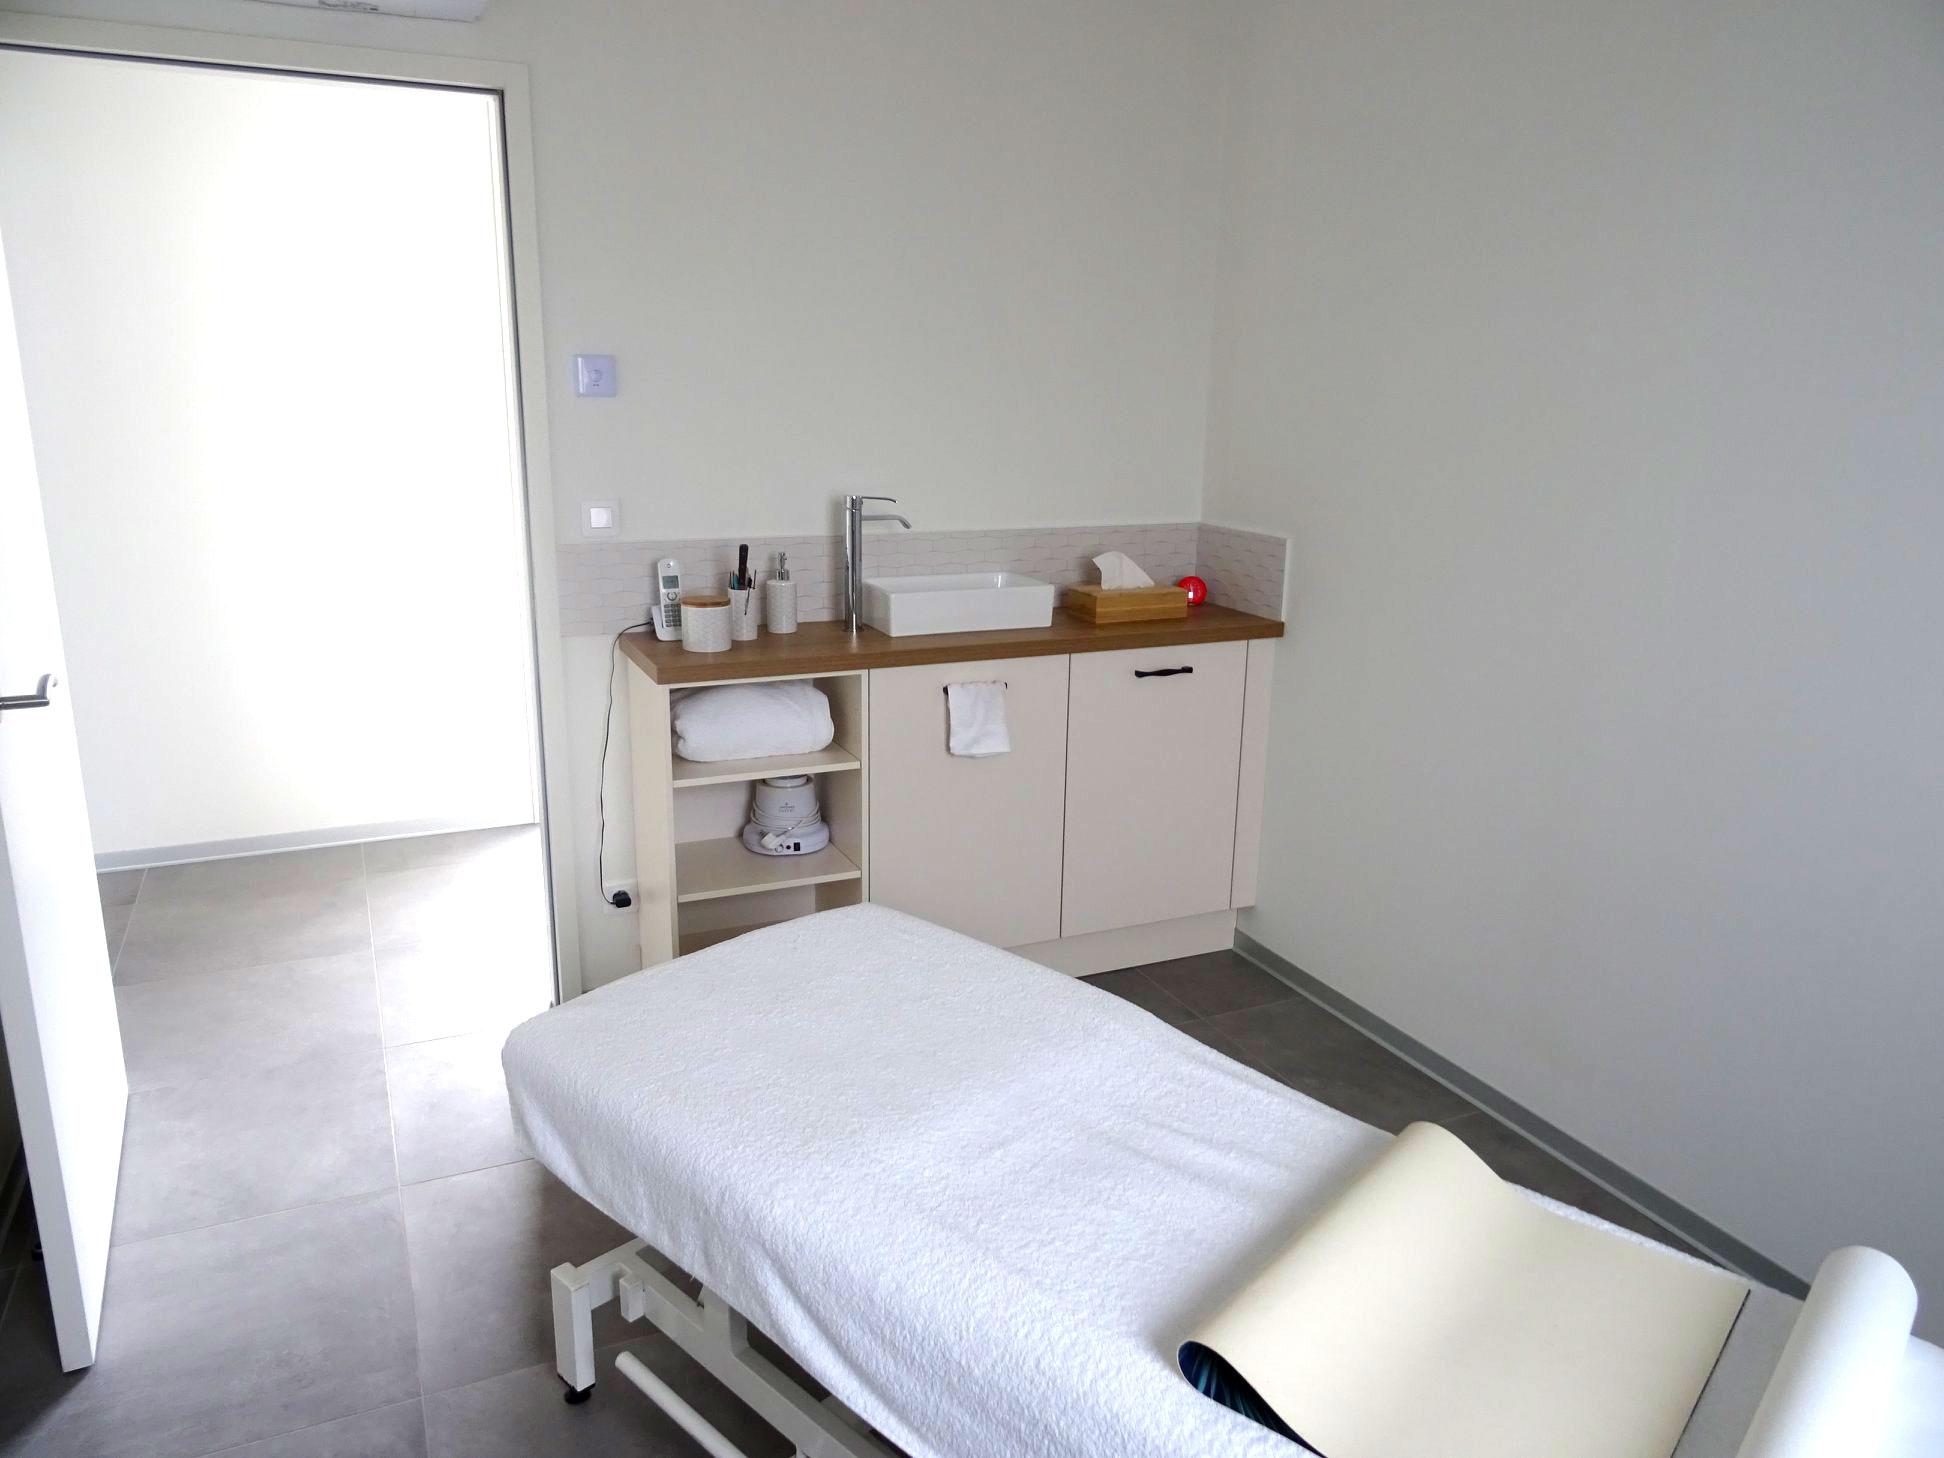 Agencement-Institut-de-beaute-ParentAize-Amenagement-interieur-sur-mesure–comptoir-accueil-boutique-agencement-G-Viaud-Aizenay-Vendee3